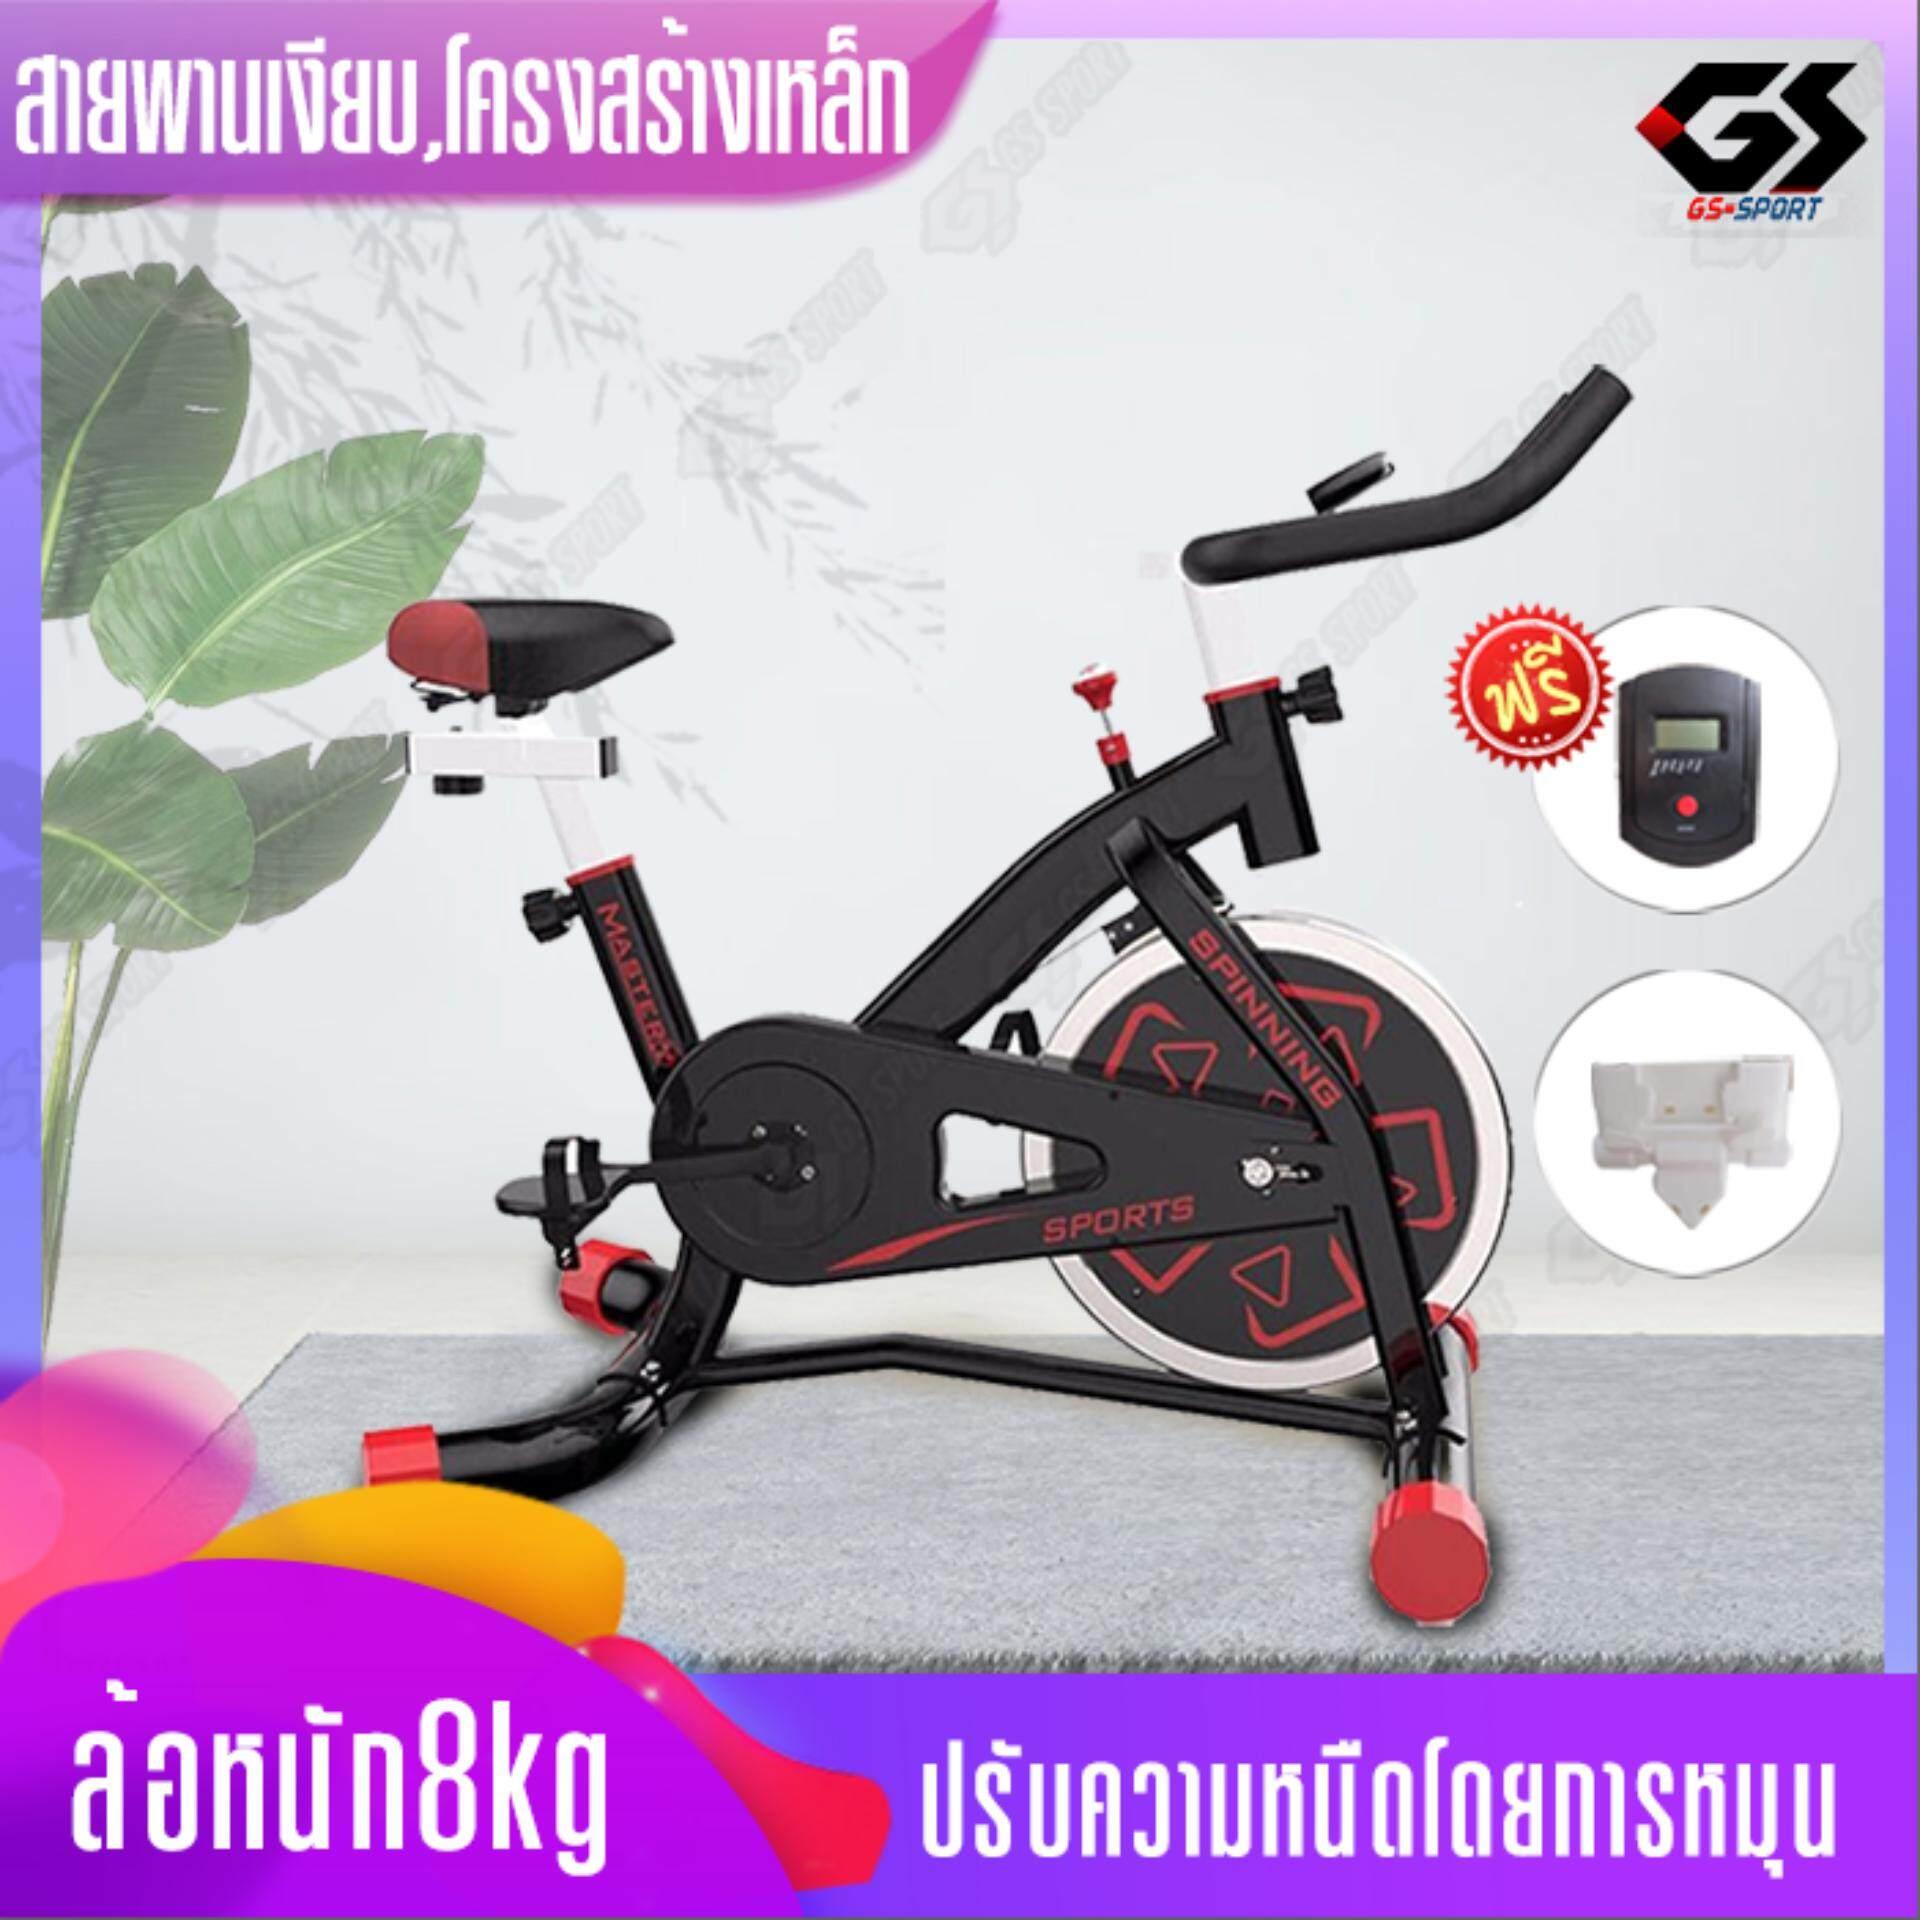 การดูแลรักษา GS SPORT จักรยานออกกำลังกาย จักรยานบริหาร  SPINNING BIKE จักรยานฟิตเนส Exercise Bike Spin Bike แถมฟรีแผ่นรองมือถือ IPAD คละสี